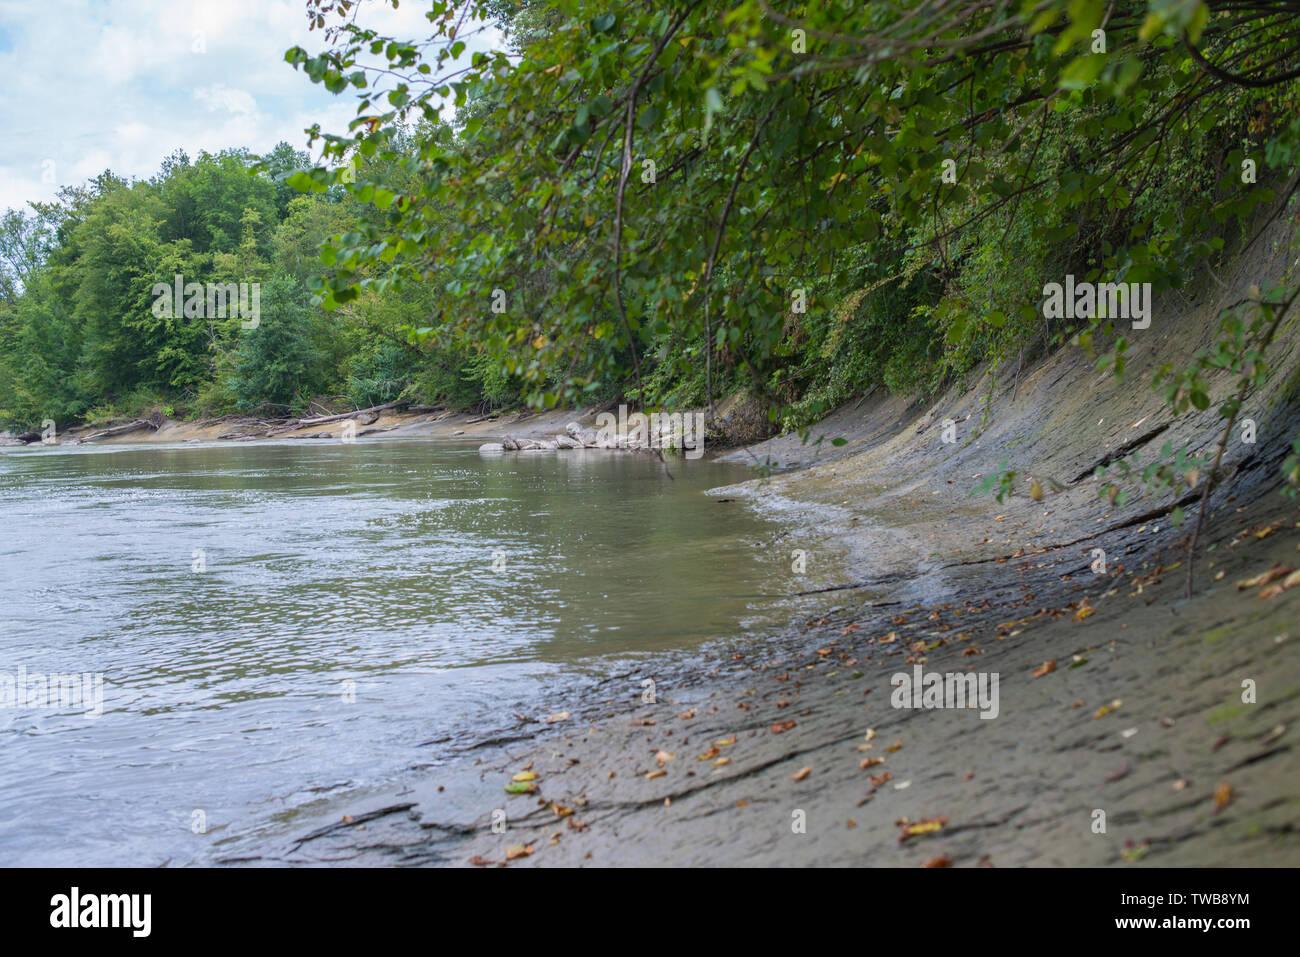 Inclinado banco de grava de un río de montaña. El enfoque selectivo. Foto de stock